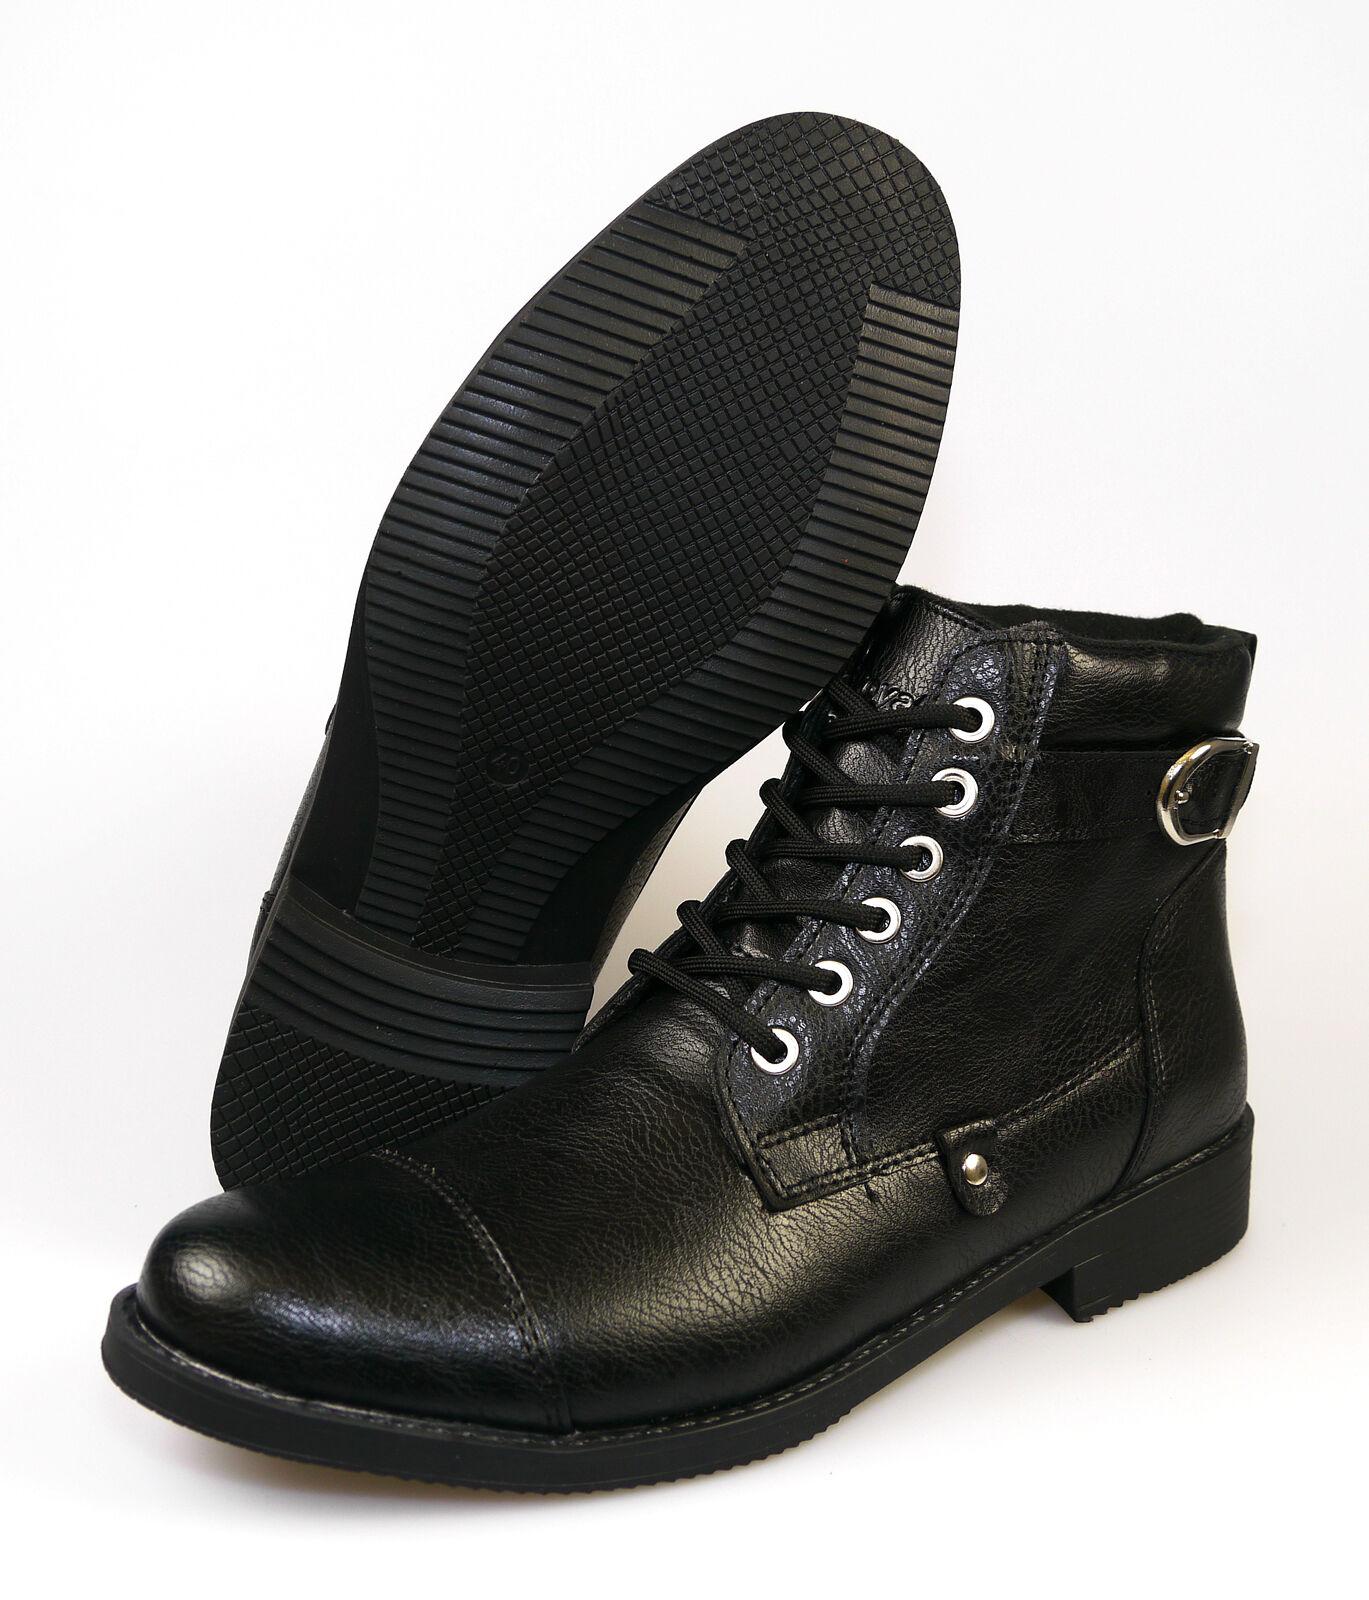 AB D 500 Royalty Messieurs délaçage délaçage délaçage boots taille 40 - 43 Noir NEUF a97523